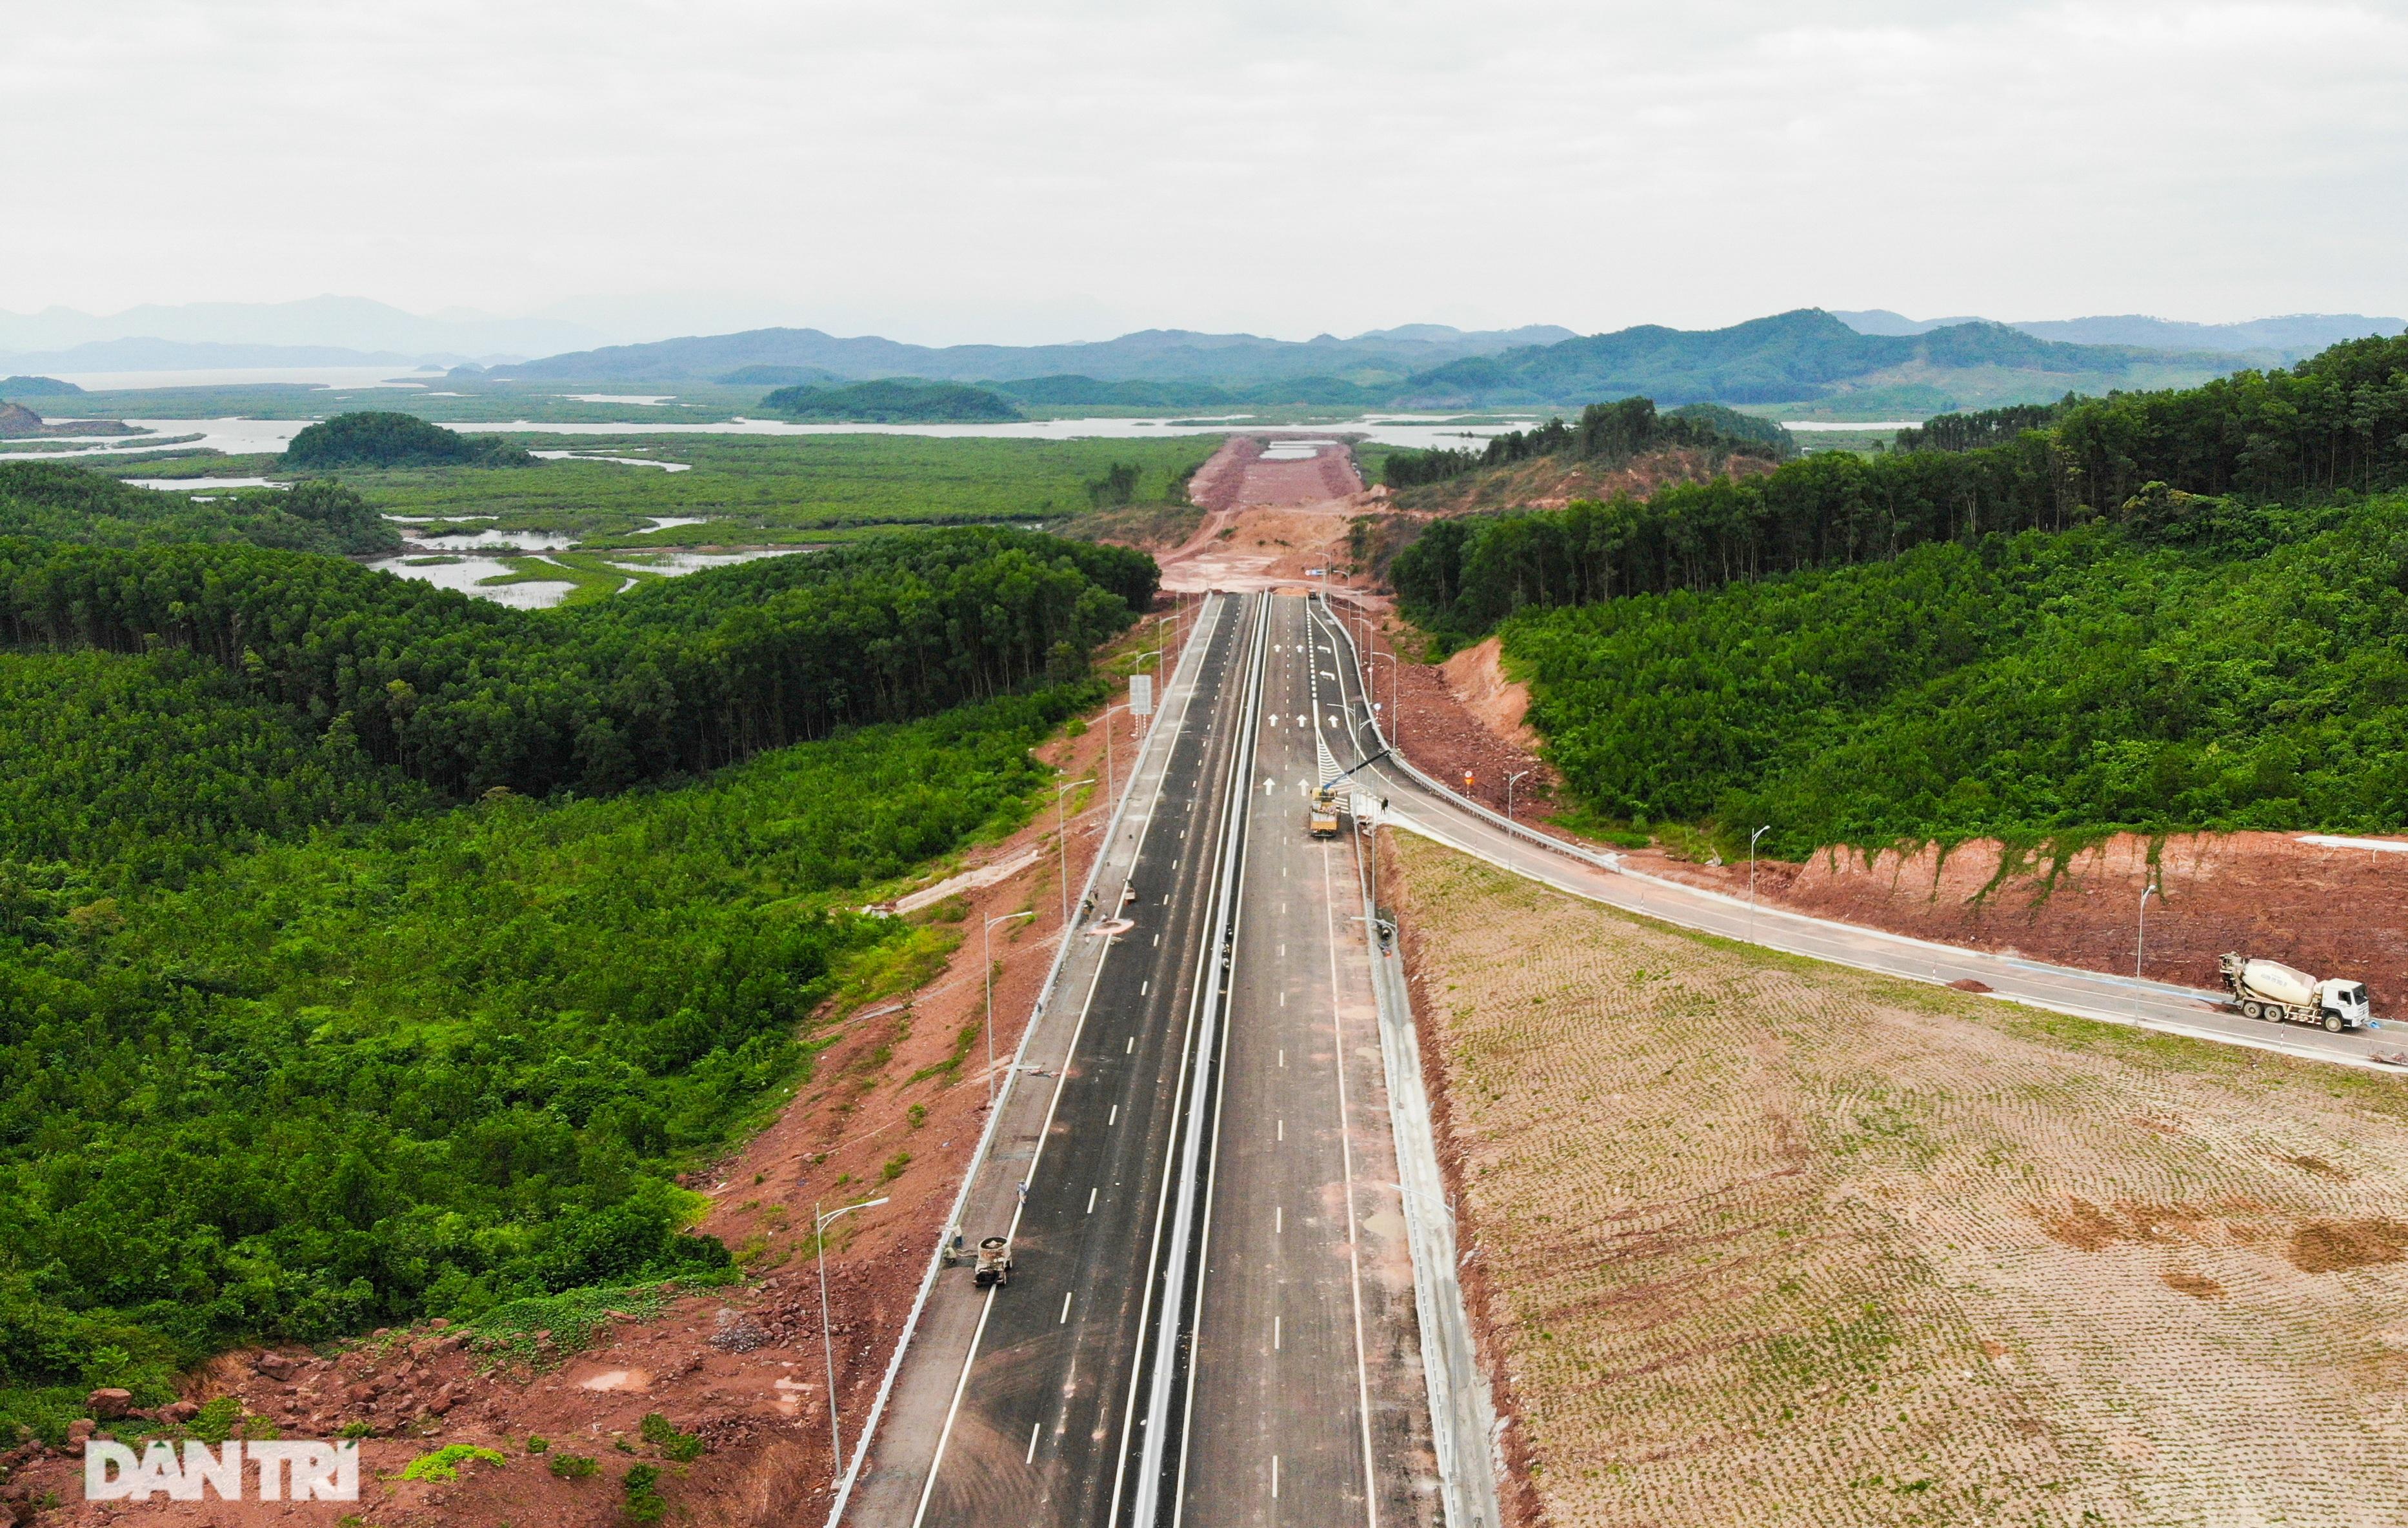 Toàn cảnh cao tốc Vân Đồn – Móng Cái hơn 11 nghìn tỷ đồng đang hình thành - 14